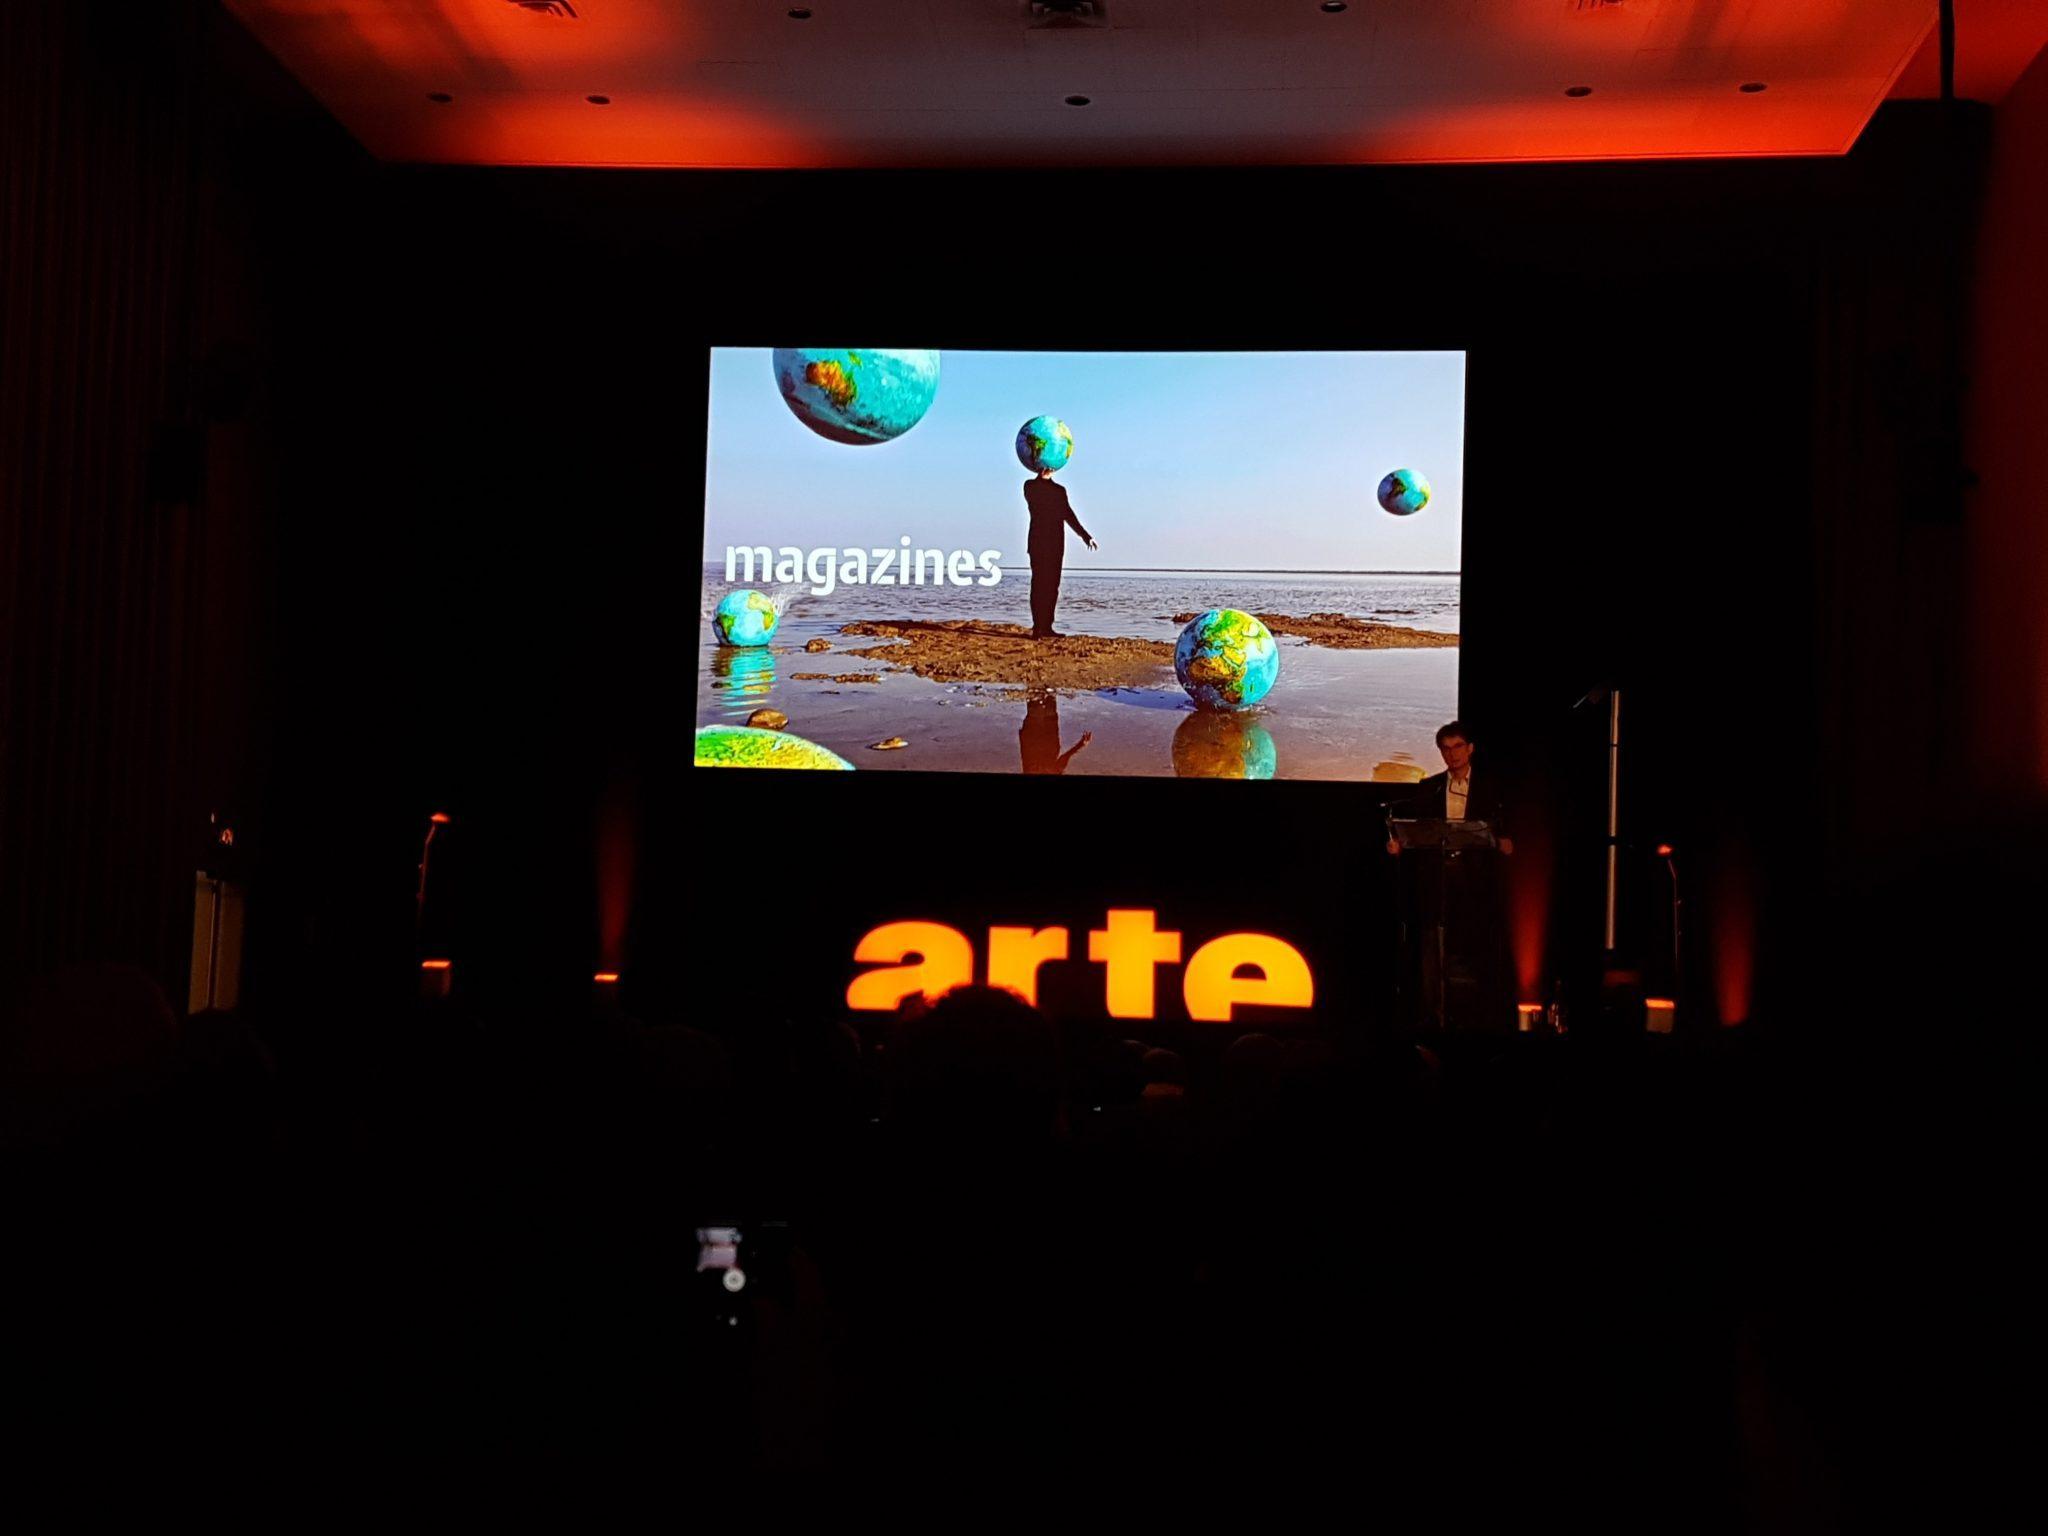 ARTE rentrée 2017 image magazine